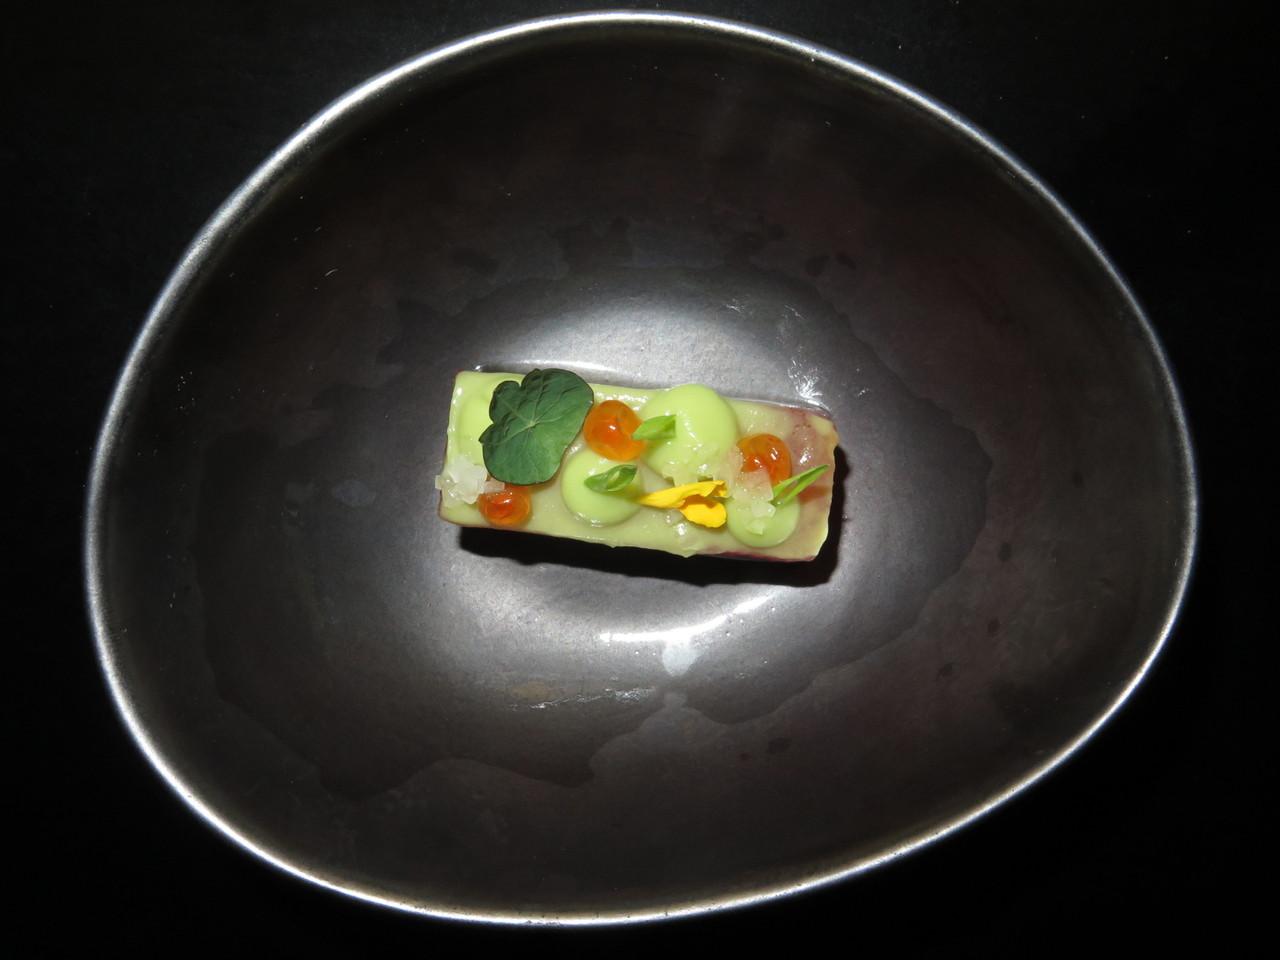 Melancia marinada em soja, guacamole e ovas de salmão